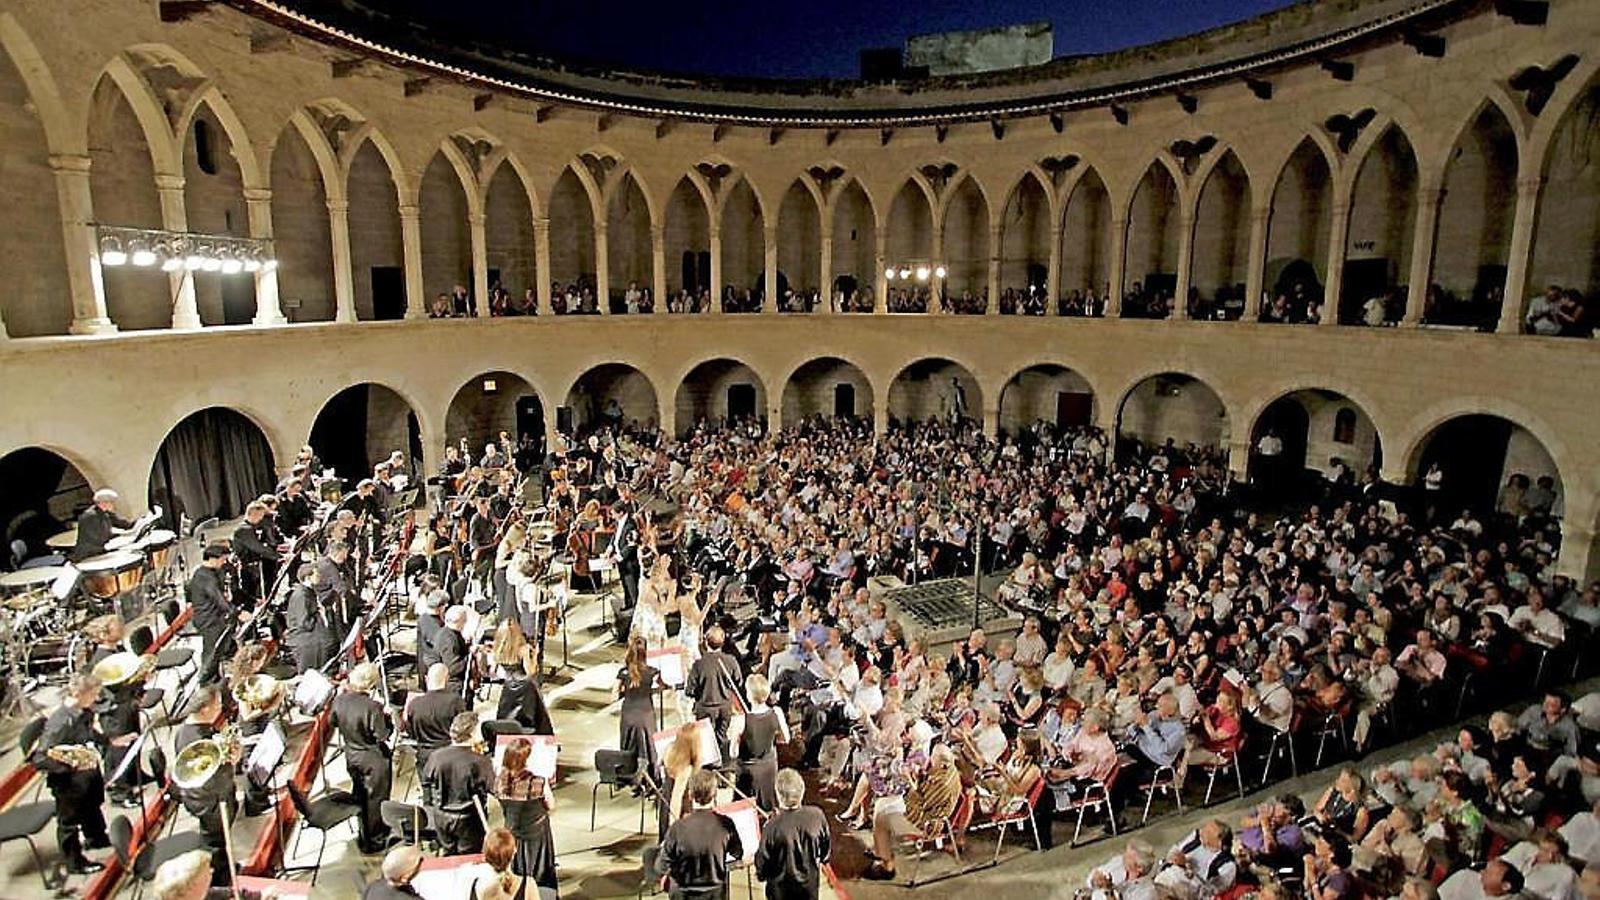 Concert de final d'estiu de l'Orquestra Simfònica al castell de Bellver, abans de començar la temporada a l'Auditòrium.